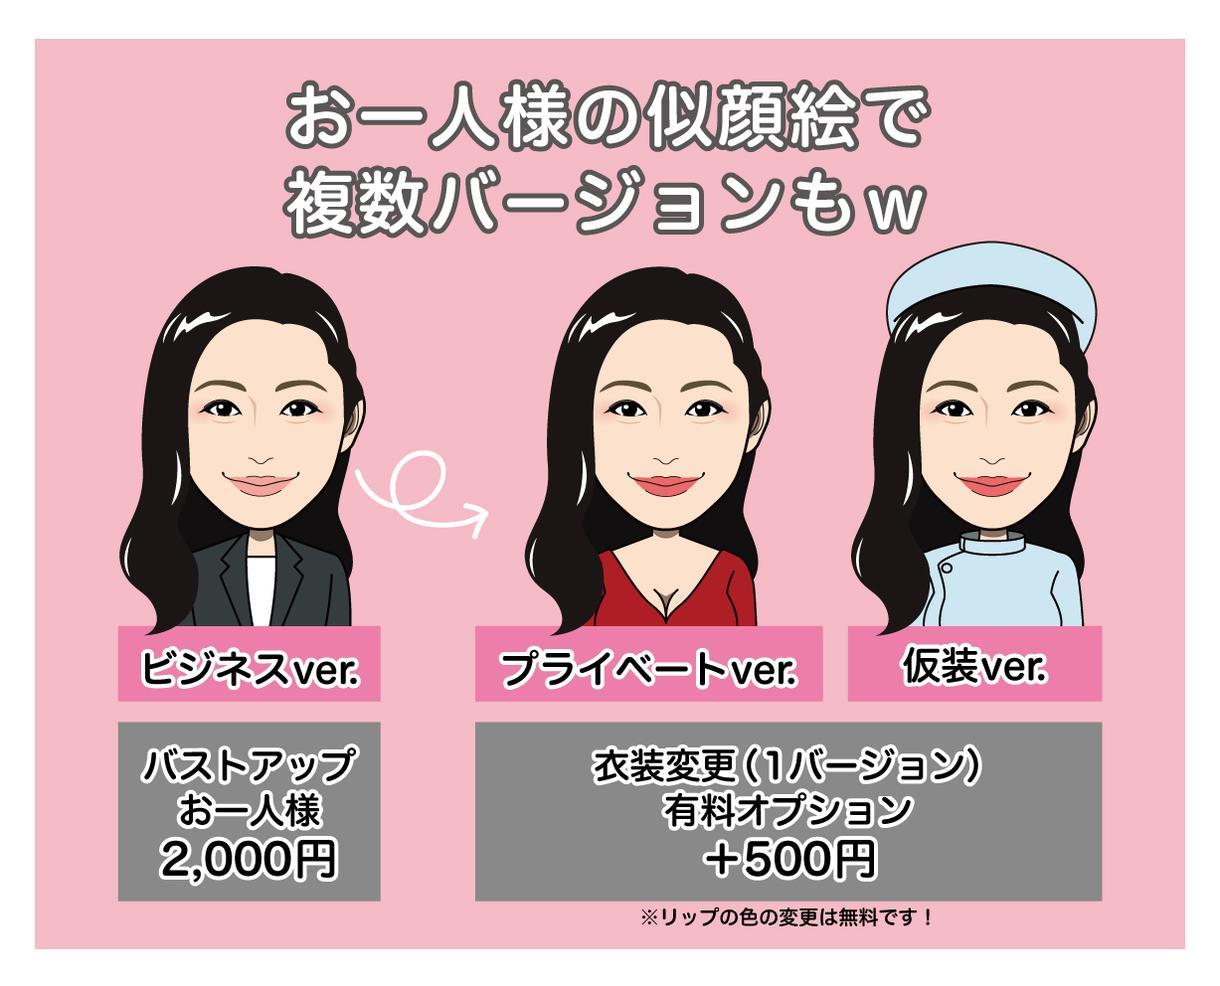 ビジネスに最適な似顔絵をご提供いたします 名刺やプロフィール画像などに使用する似顔絵をお描きします!